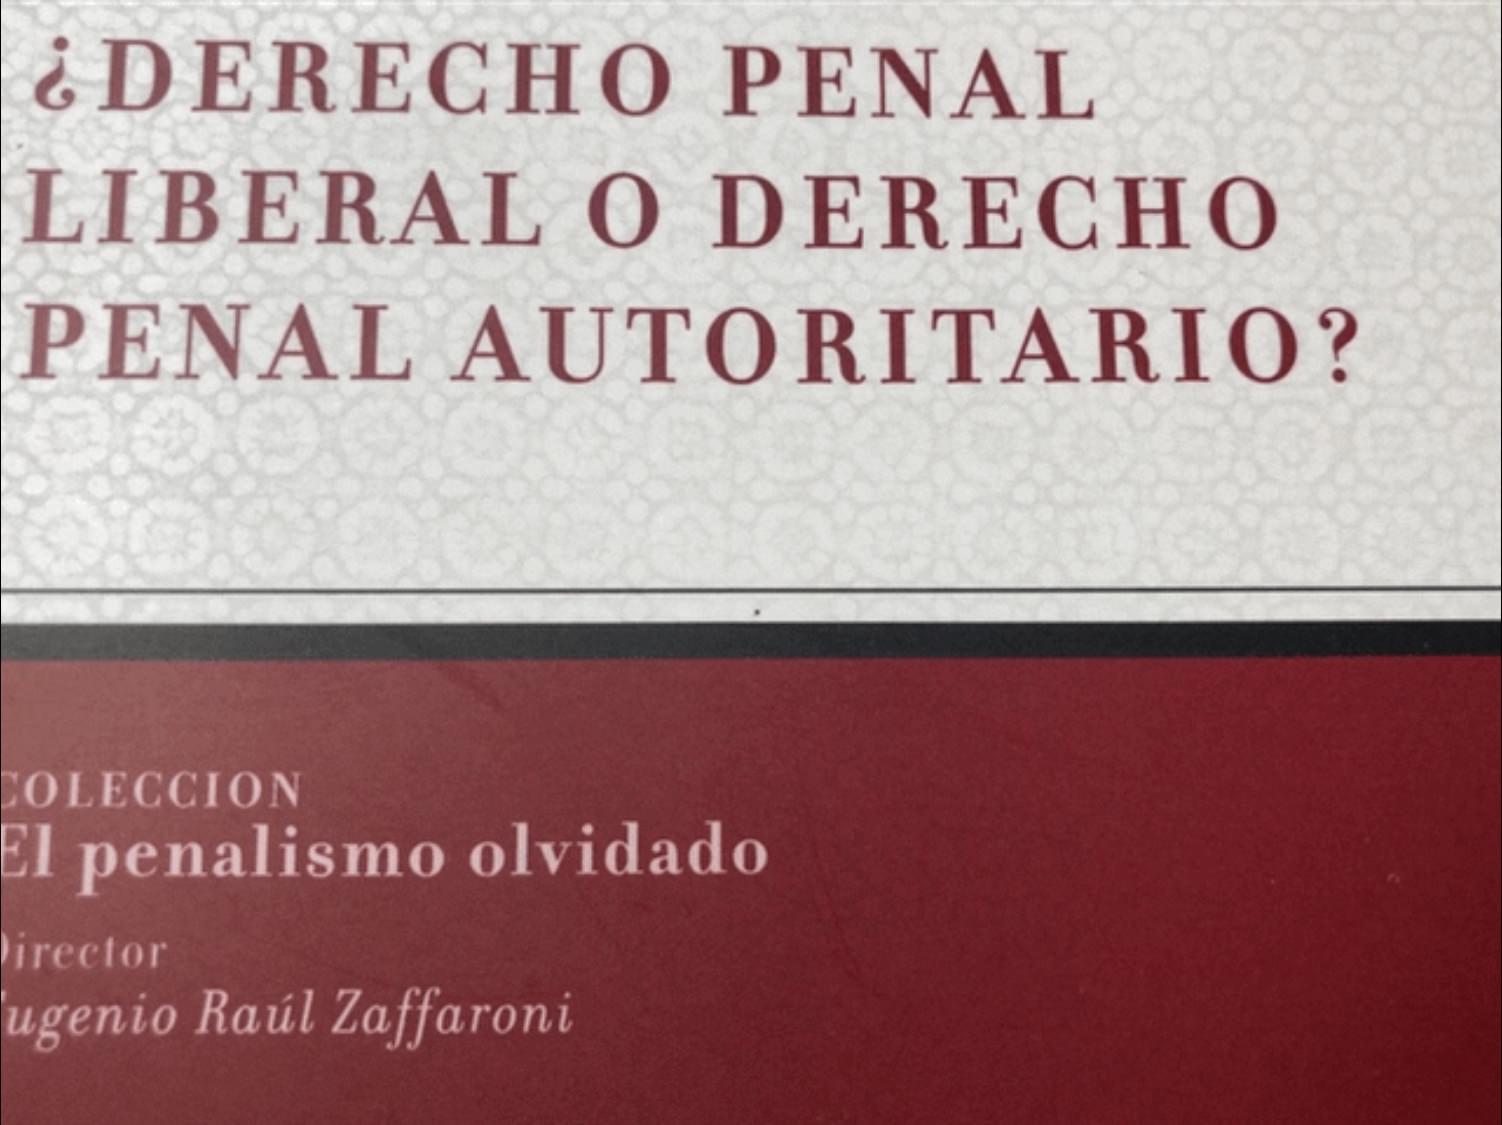 ¿Derecho penal liberal o derecho penal autoritario?